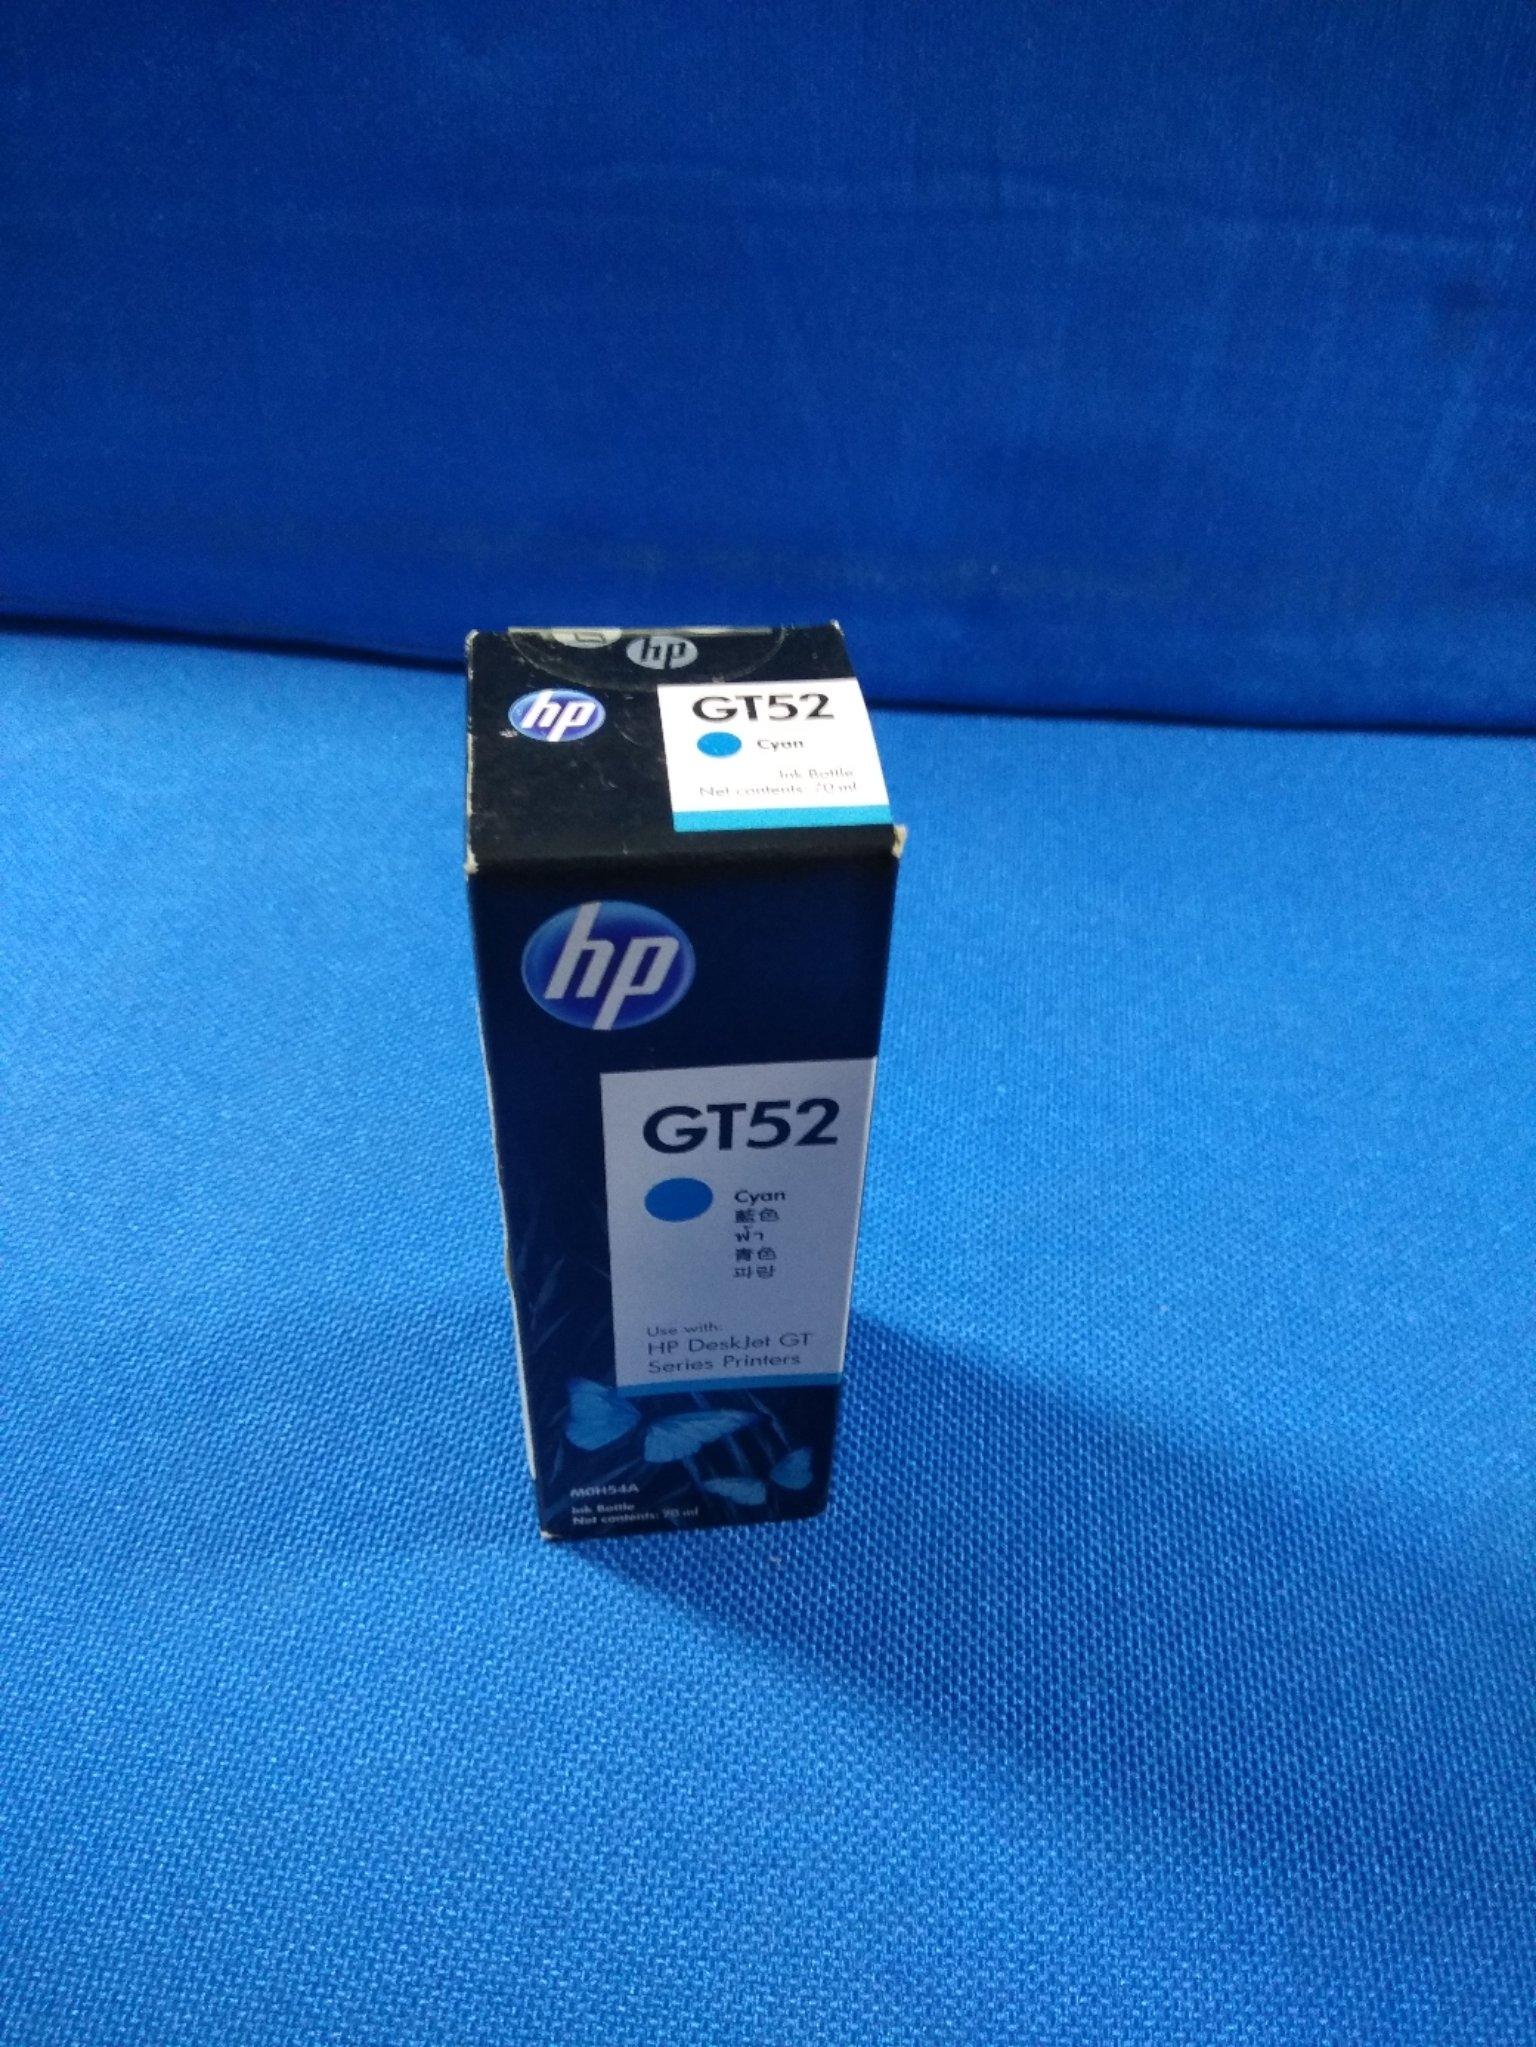 HP ink Bottle, GT 52, Cyan, 70ml, Rs 415